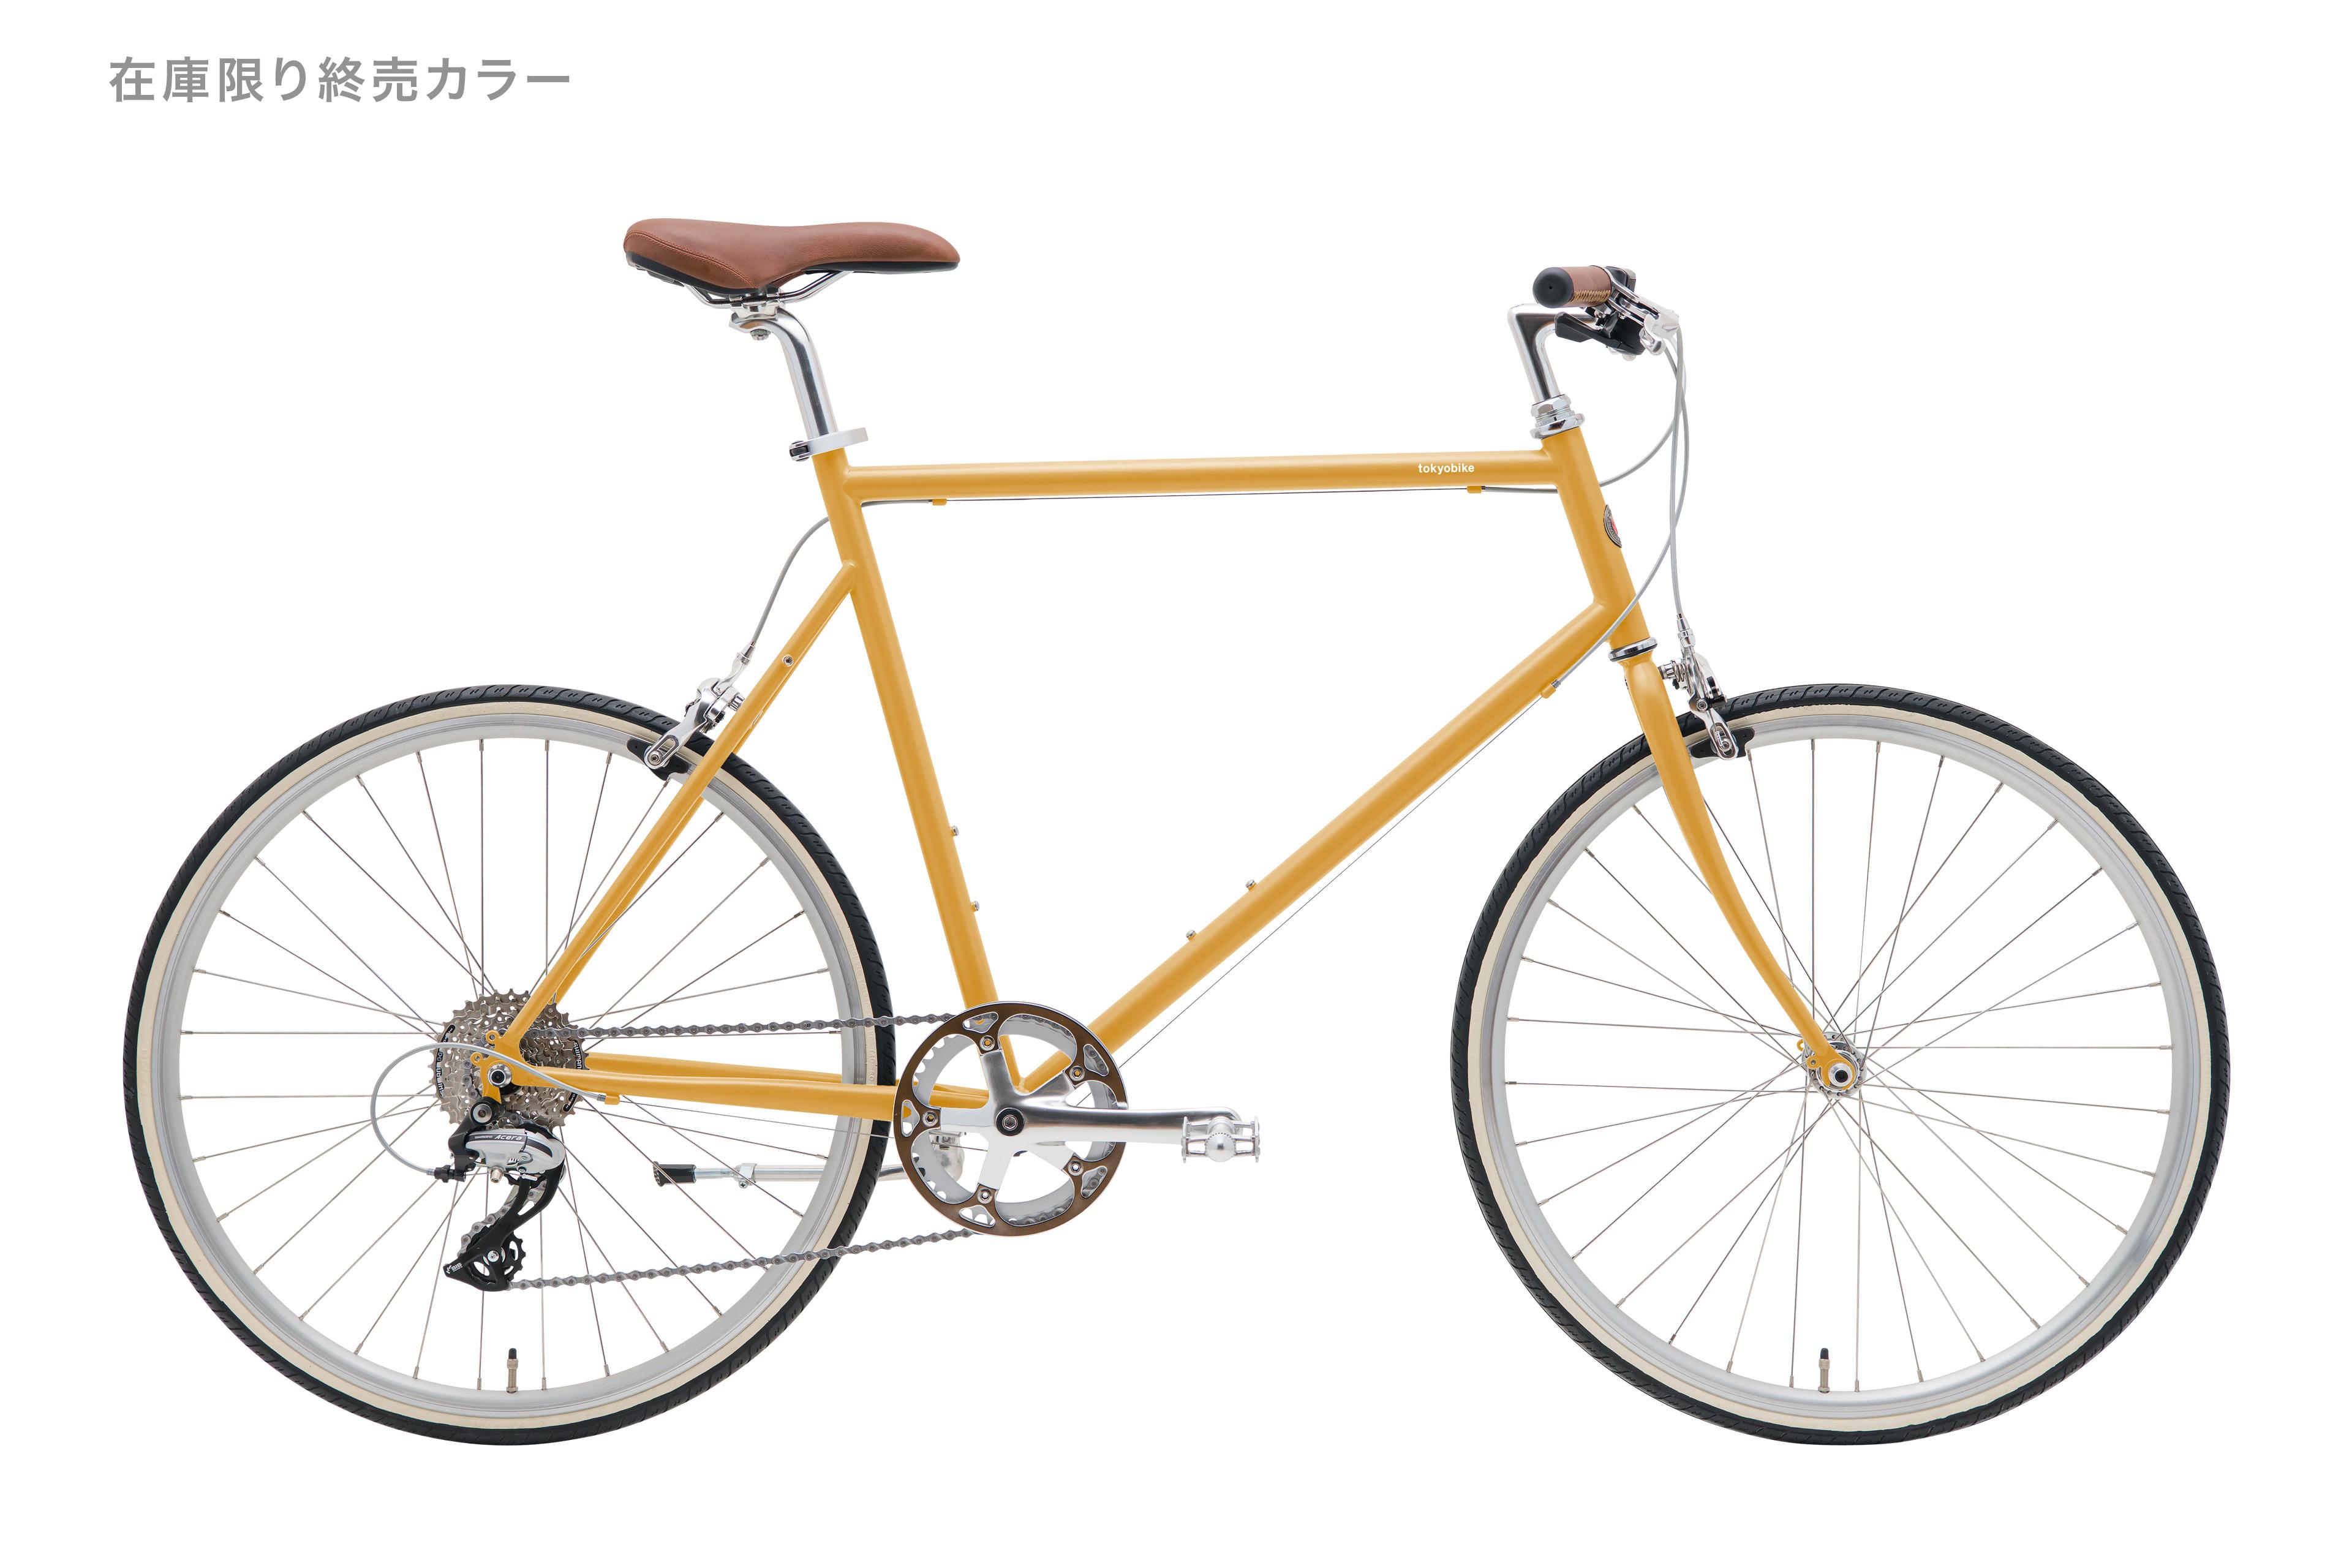 初心者でも扱いやすいおしゃれな街乗り自転車TOKYOBIKE26